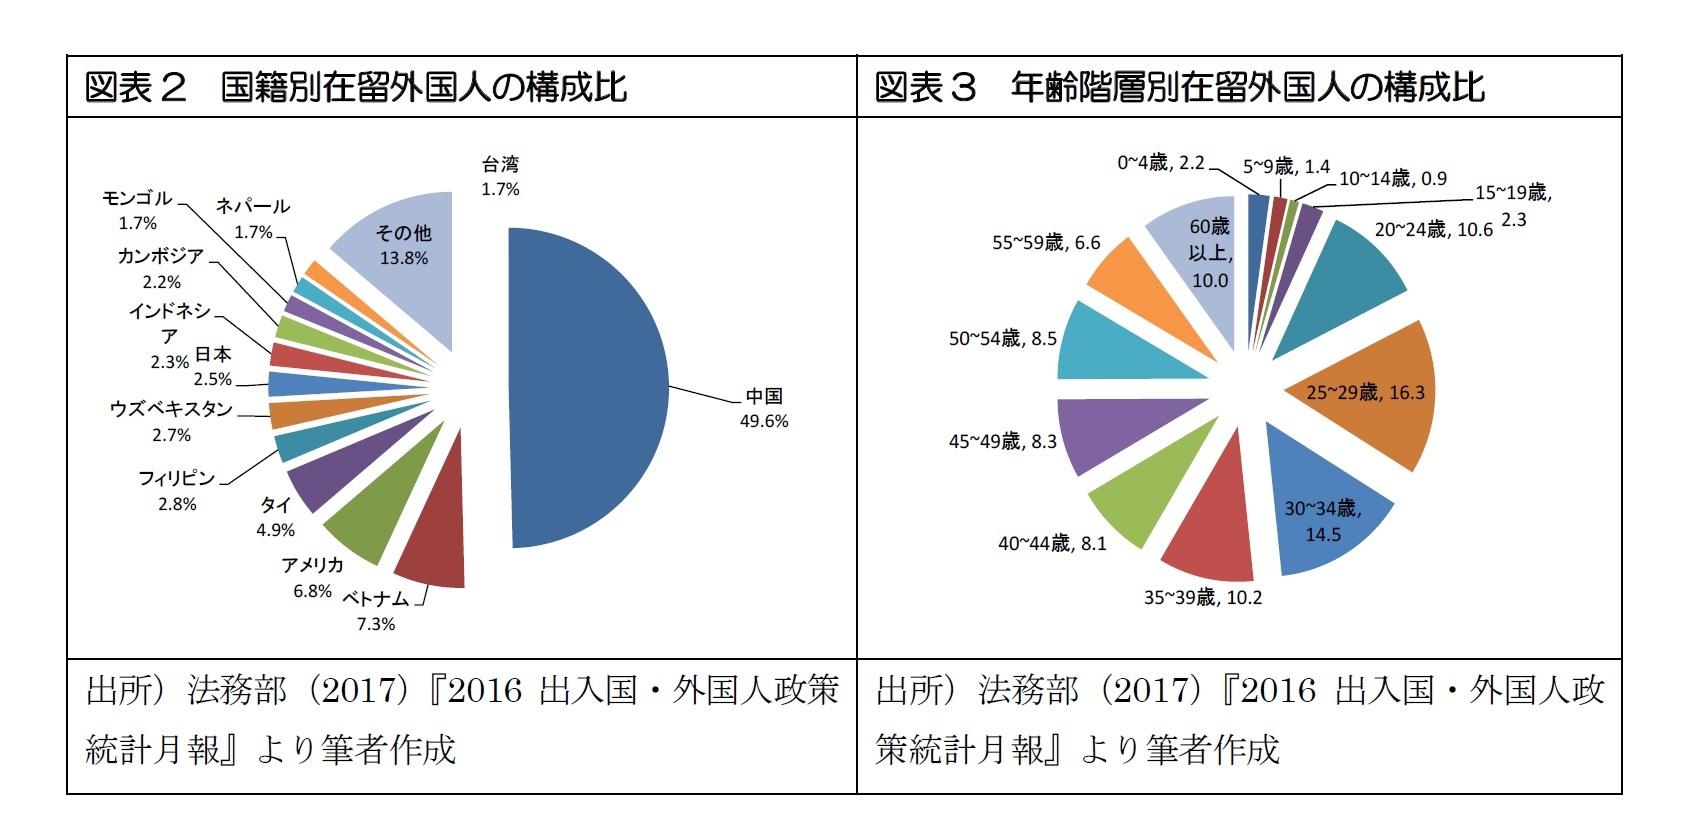 図表2 国籍別在留外国人の構成比/図表3 年齢階層別在留外国人の構成比